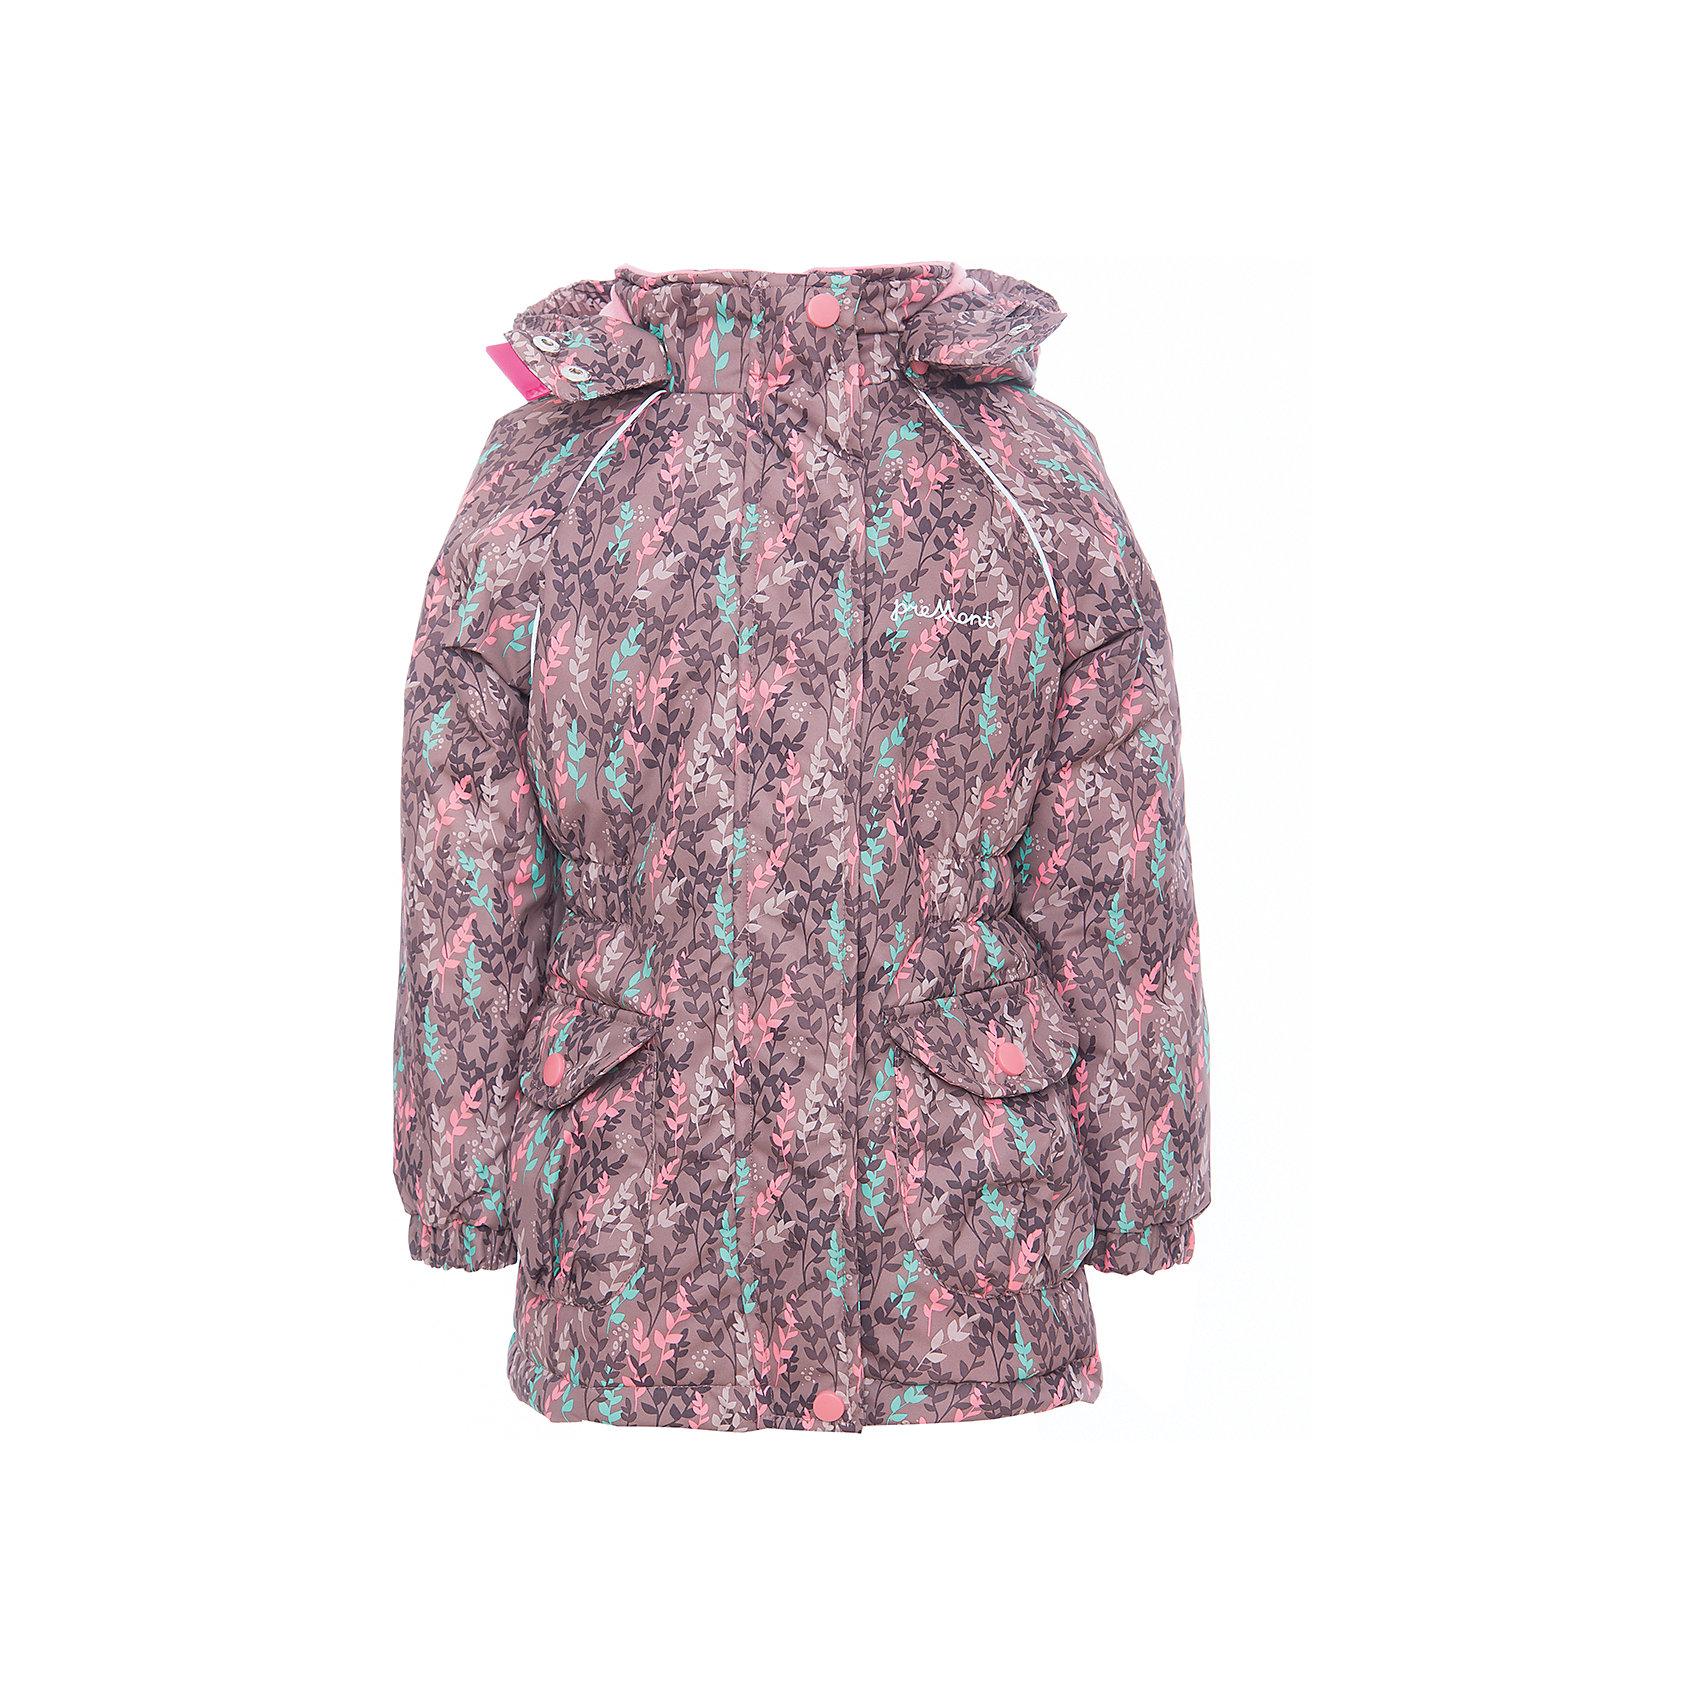 Парка для девочки PremontВерхняя одежда<br>Характеристики товара:<br><br>• цвет: розовый<br>• материал верха: 100% полиэстер, мембрана 3000 мм/ 3000 г/м ?/24h<br>• подкладка - тафетта, трикотаж с ворсом на воротнике и в капюшоне<br>• утеплитель - Tech-Polyfill, 120 г/м2<br>• температурный режим: от -5° С до +10° С<br>• водонепроницаемый материал<br>• съемный капюшон<br>• защита подбородка<br>• эластичные манжеты<br>• комфортная посадка<br>• светоотражающие элементы<br>• молния<br>• страна бренда: Канада<br><br>Демисезонная парка защитит от ветра и дождя. <br>Одежда от канадского бренда Premont пользуются популярностью во многих странах. Она стильная, качественные и удобная. Для производства продукции используются только безопасные, проверенные материалы и фурнитура. Порадуйте ребенка модными и красивыми вещами от Premont! <br><br>Парку для девочки от известного бренда Premont можно купить в нашем интернет-магазине.<br><br>Ширина мм: 356<br>Глубина мм: 10<br>Высота мм: 245<br>Вес г: 519<br>Цвет: коричневый<br>Возраст от месяцев: 36<br>Возраст до месяцев: 48<br>Пол: Женский<br>Возраст: Детский<br>Размер: 104,164,110,116,122,128,134,140,146,152<br>SKU: 5353005